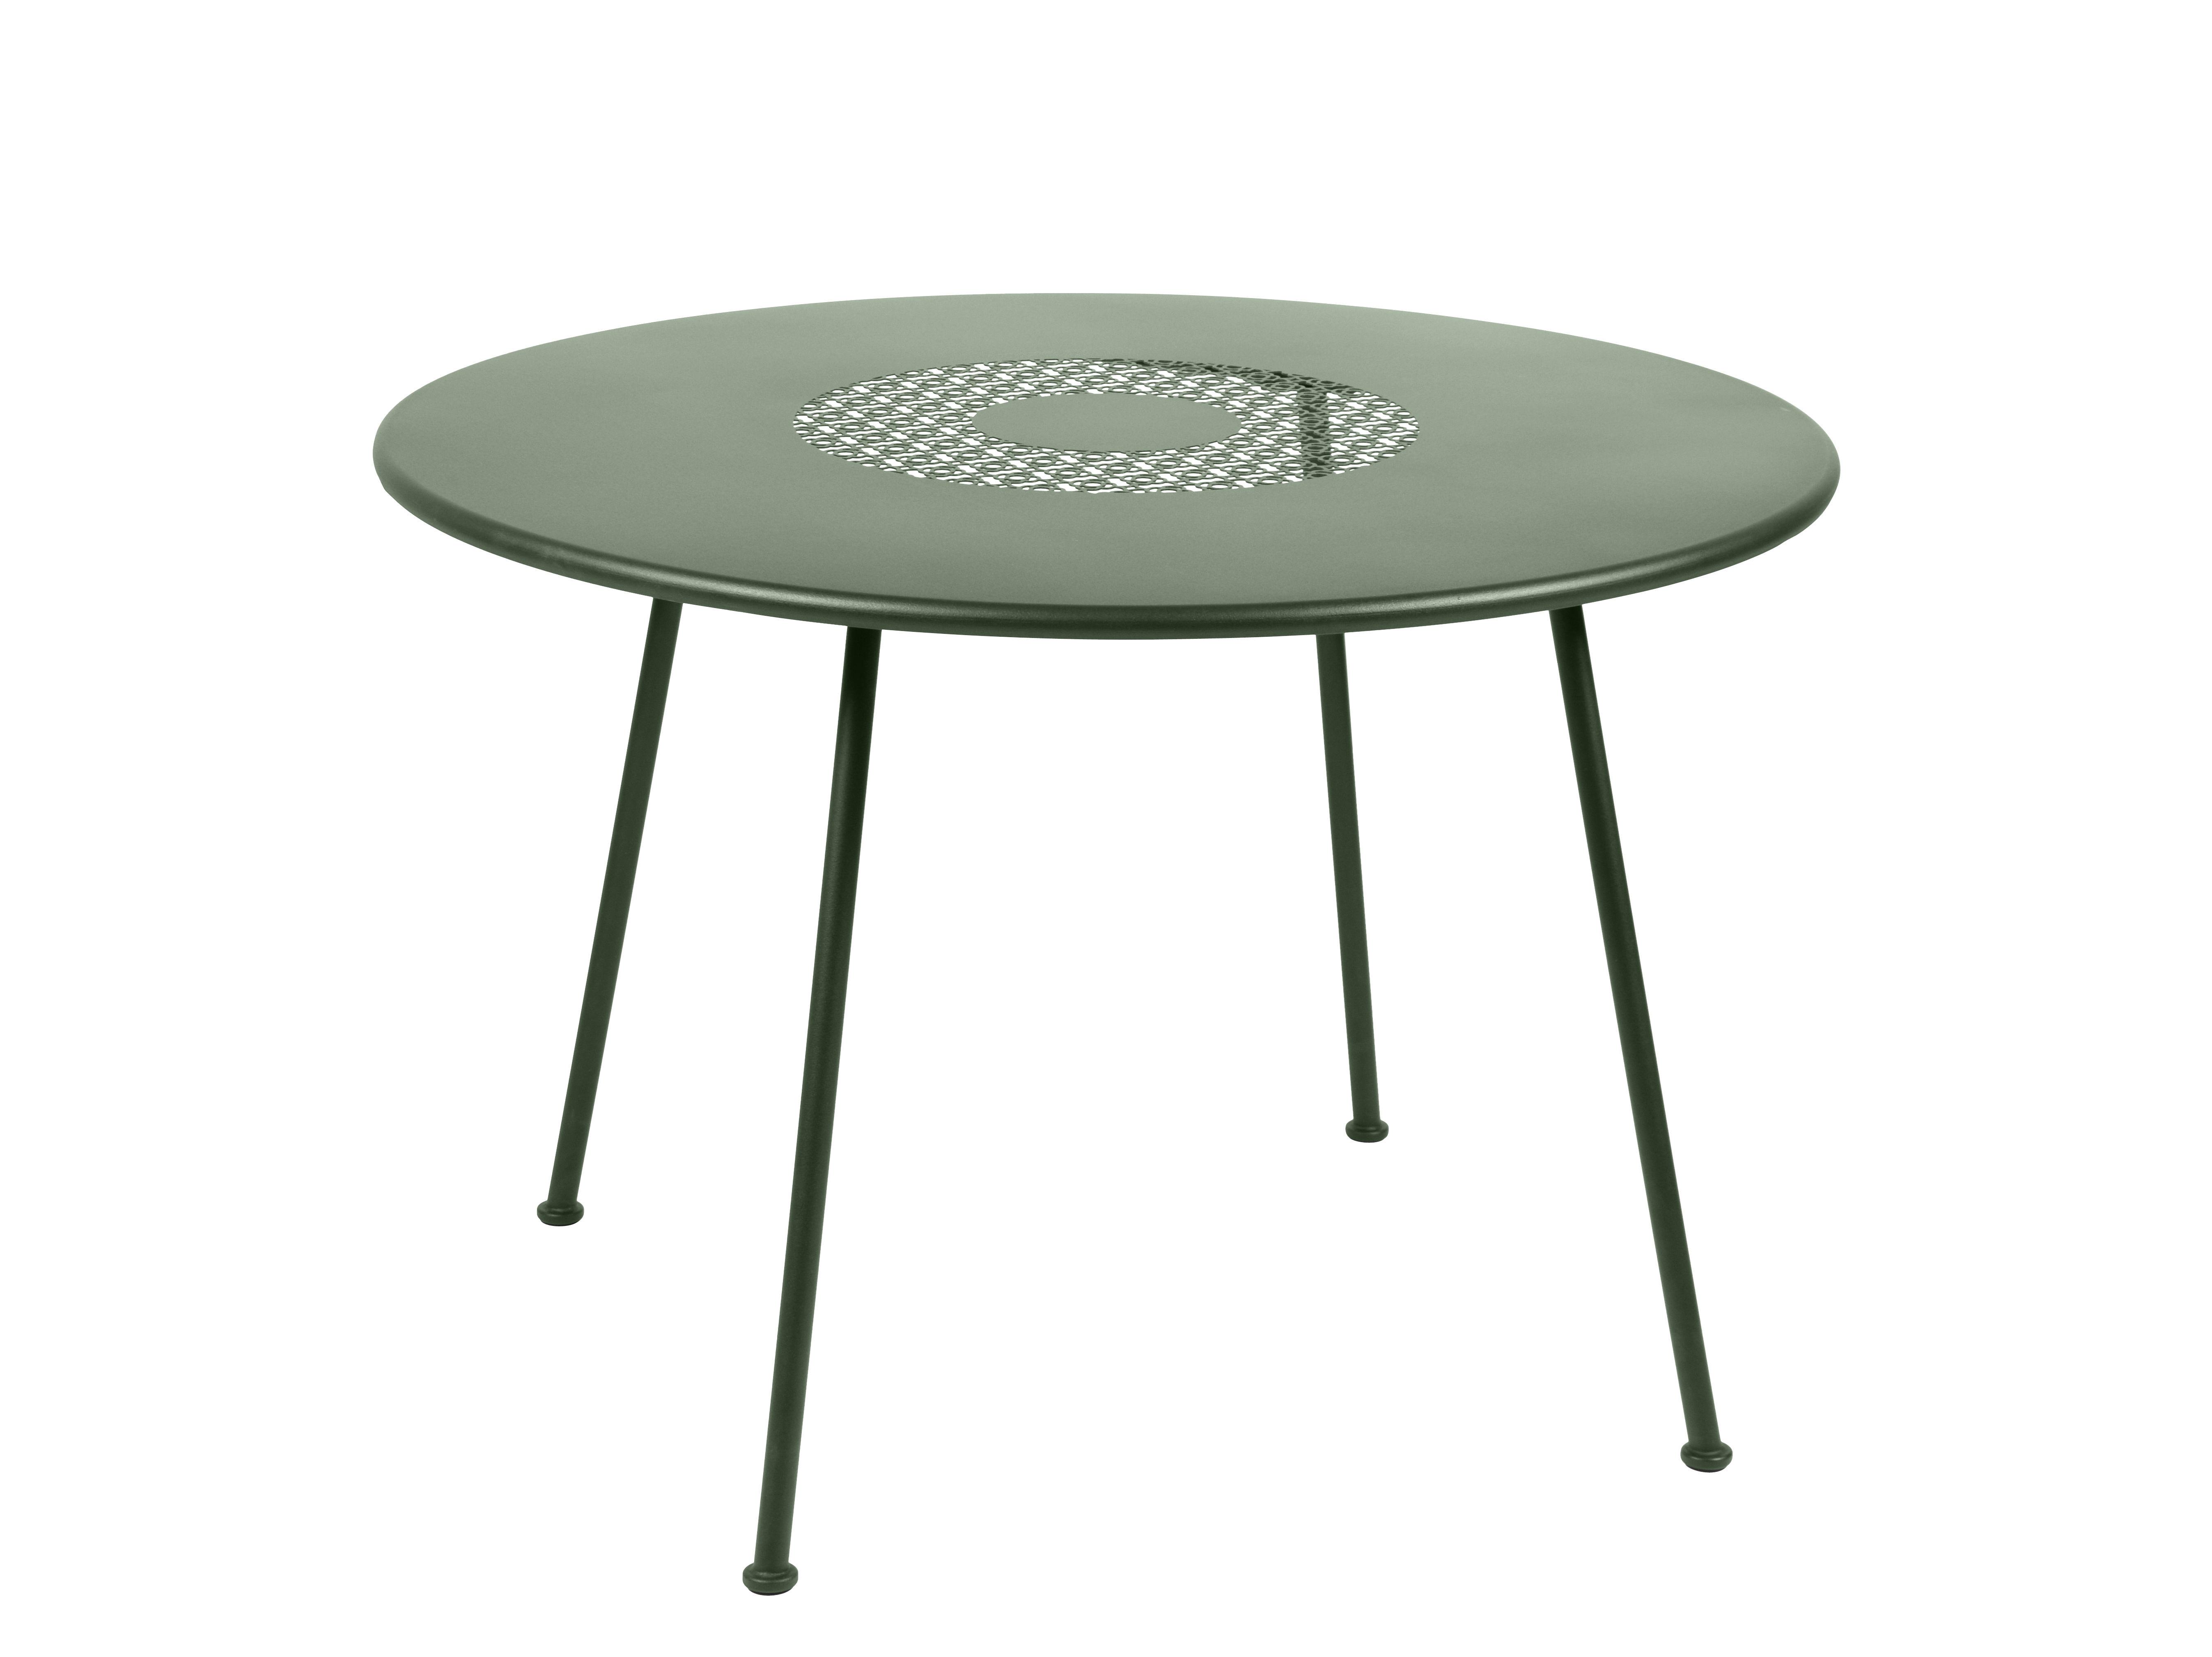 Outdoor - Tavoli  - Tavolo rotondo Lorette - / Ø 110 cm - Metallo di Fermob - Cactus - Acciaio laccato